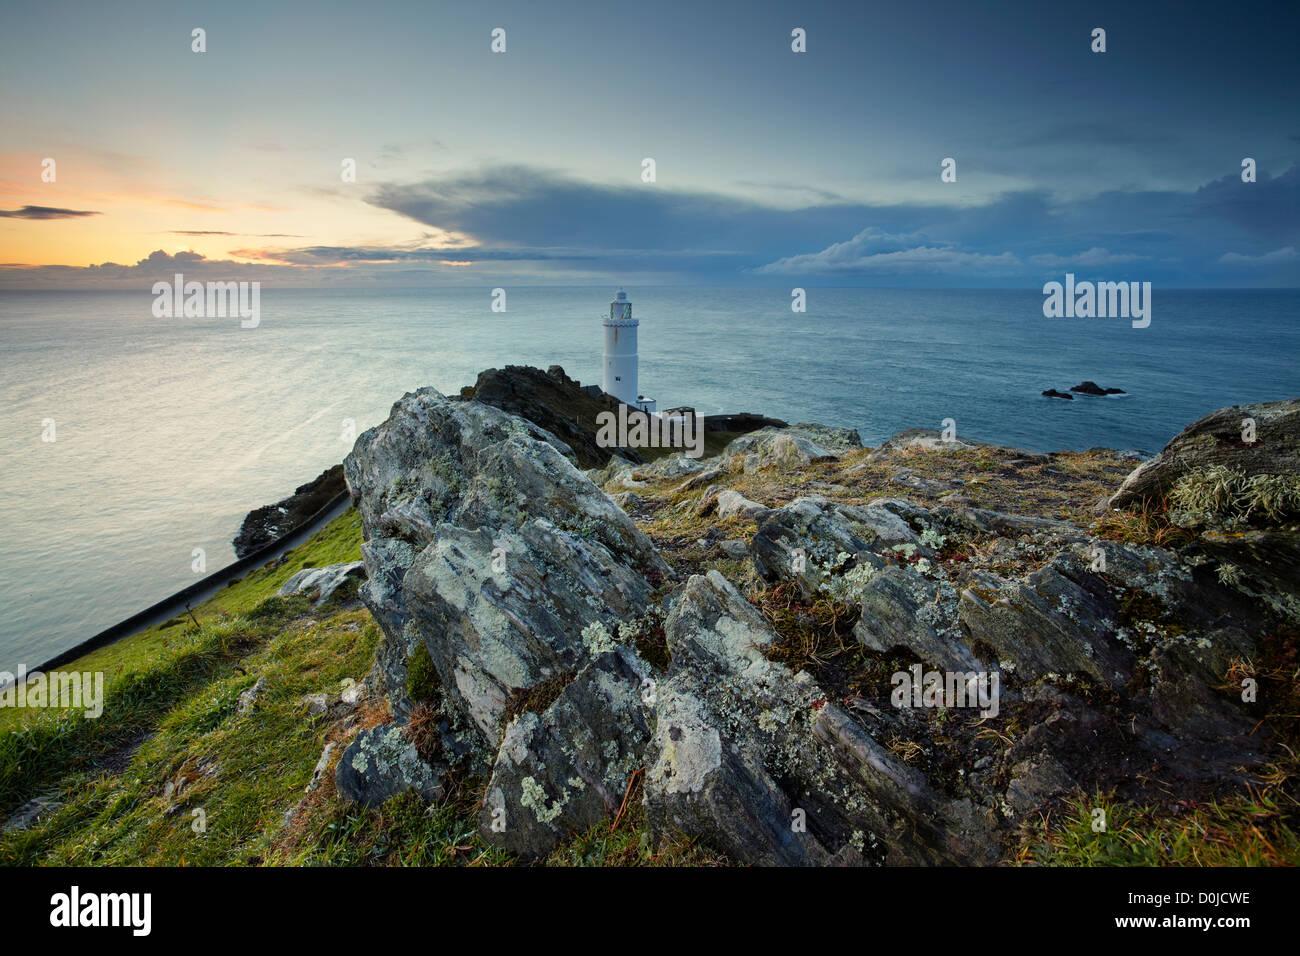 Aube lumière bleu d'encre sur la baie de début et le phare sur la côte sud du Devon. Photo Stock